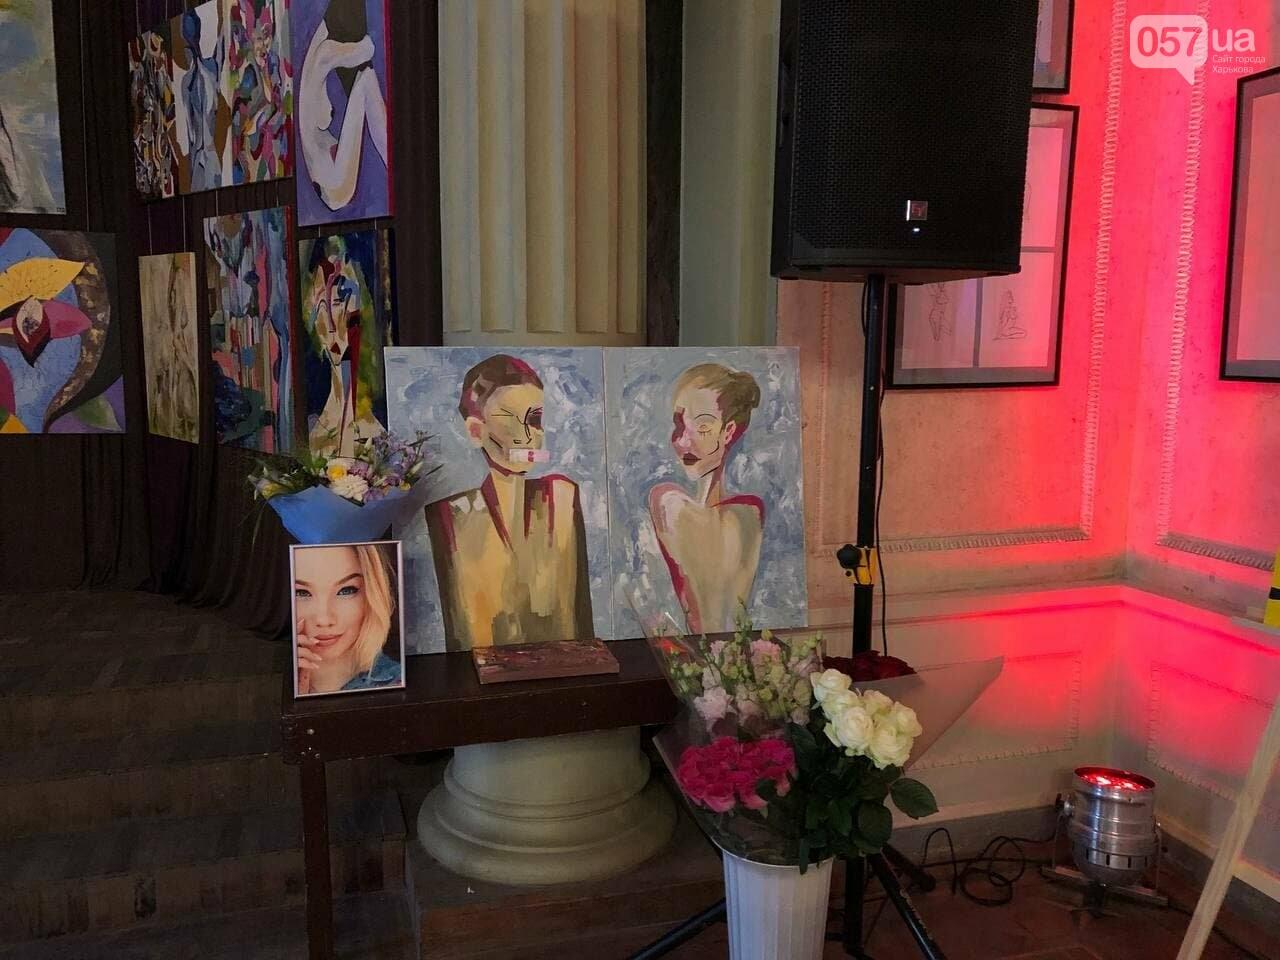 В Харькове прошла благотворительная выставка памяти молодой художницы, скончавшейся от приступа эпилепсии, - ФОТОРЕПОРТАЖ, фото-6